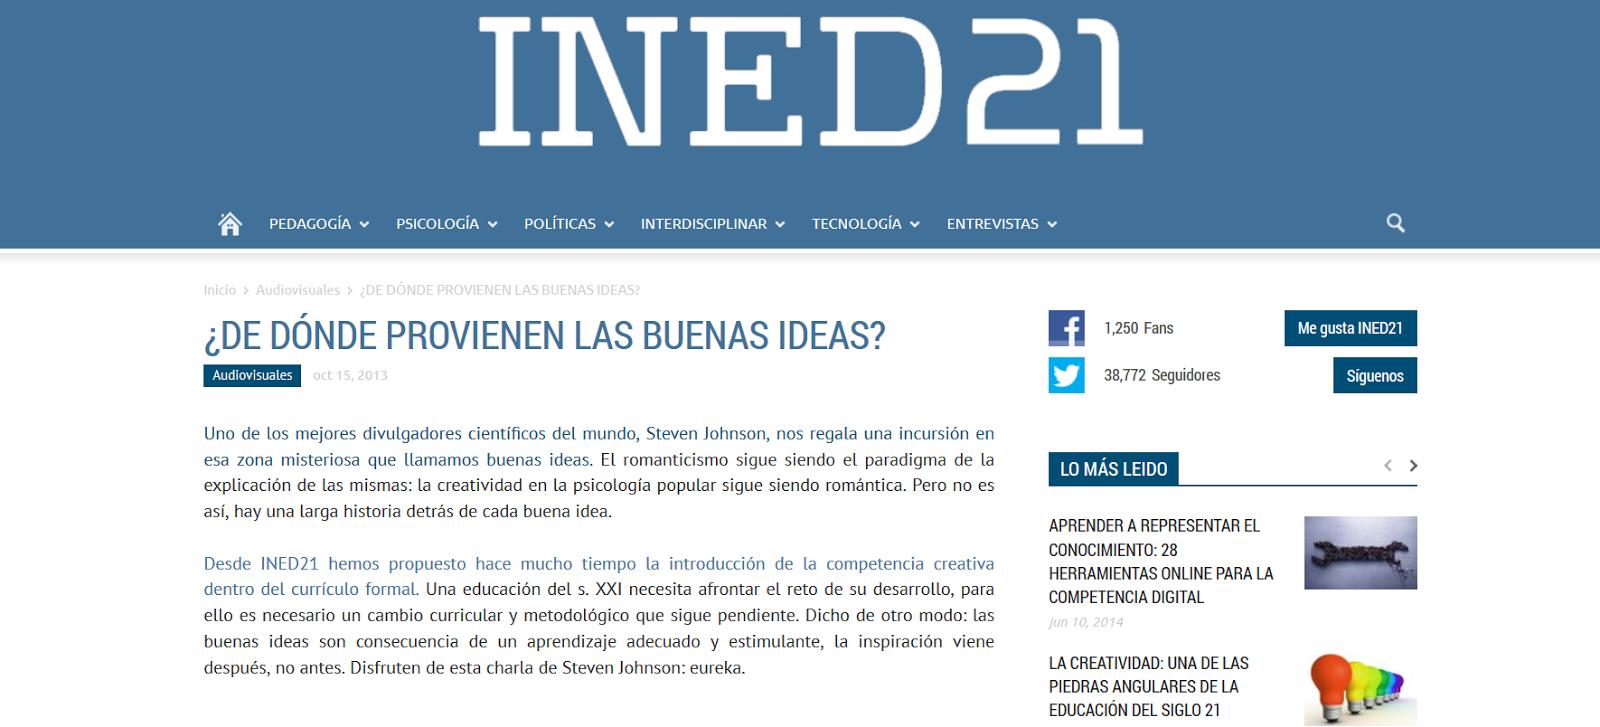 http://ined21.com/de-donde-provienen-las-buenas-ideas/